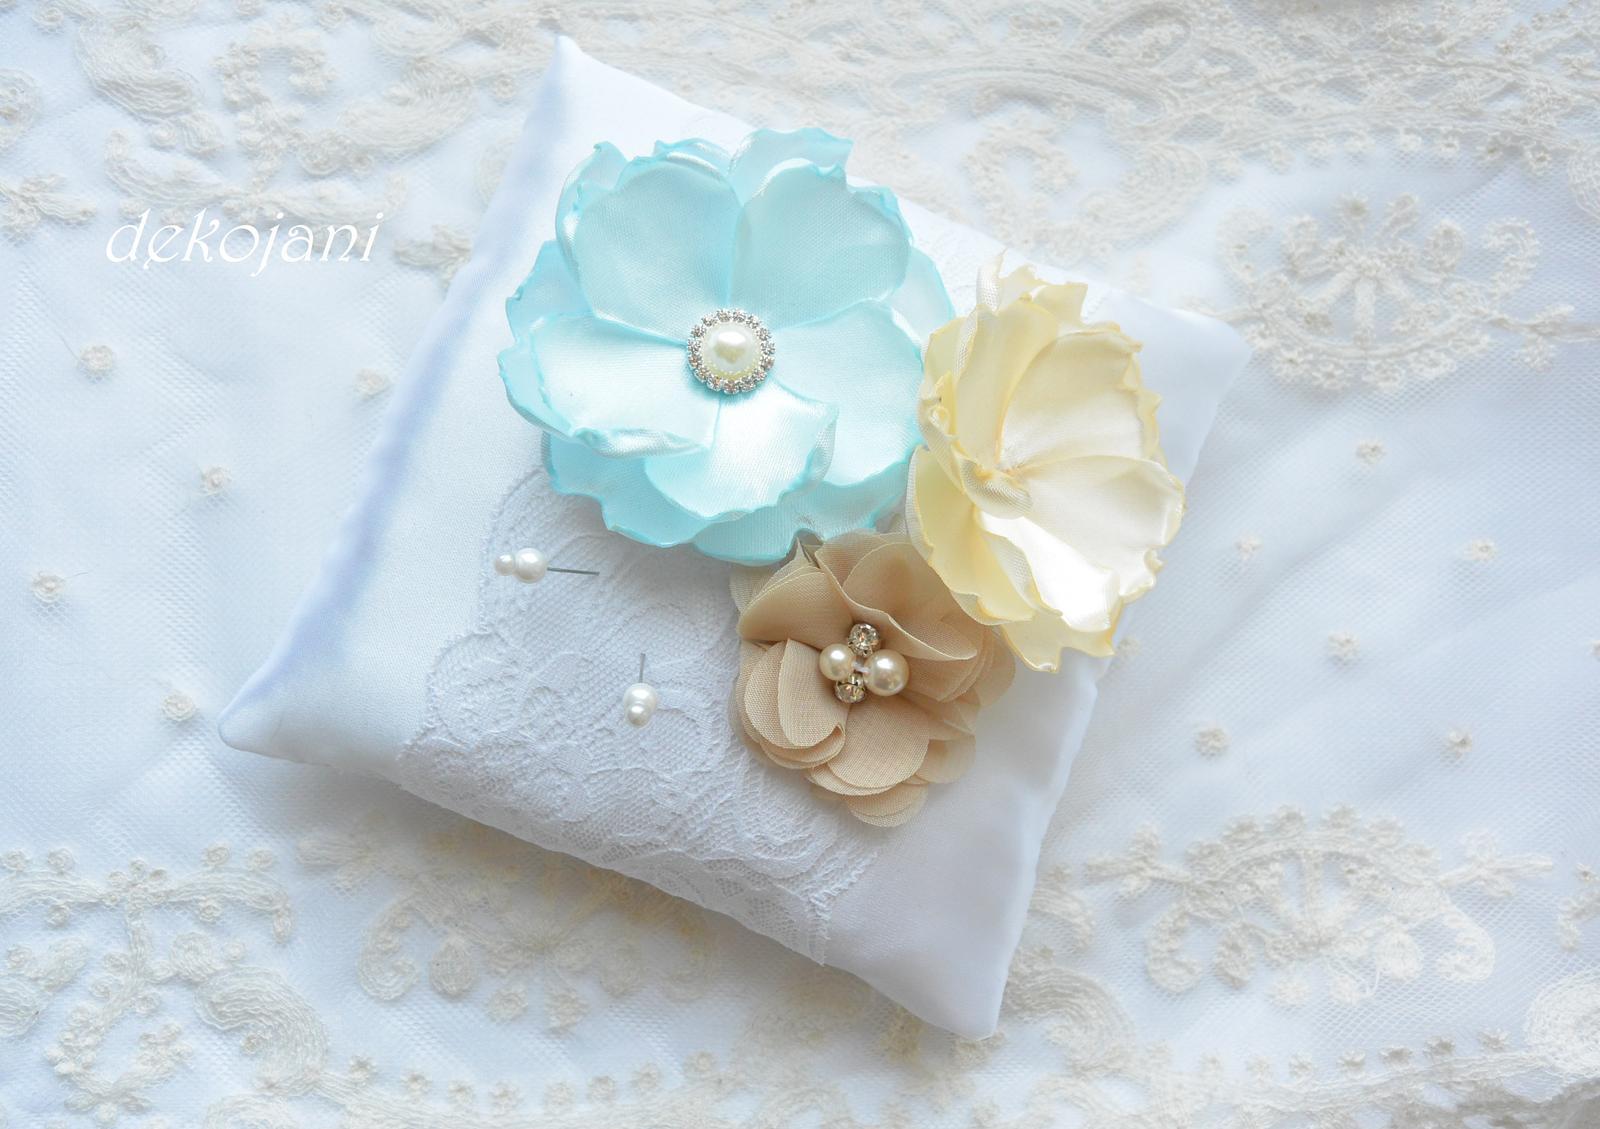 Svatební polštářek mint blue a béžová - Obrázek č. 1